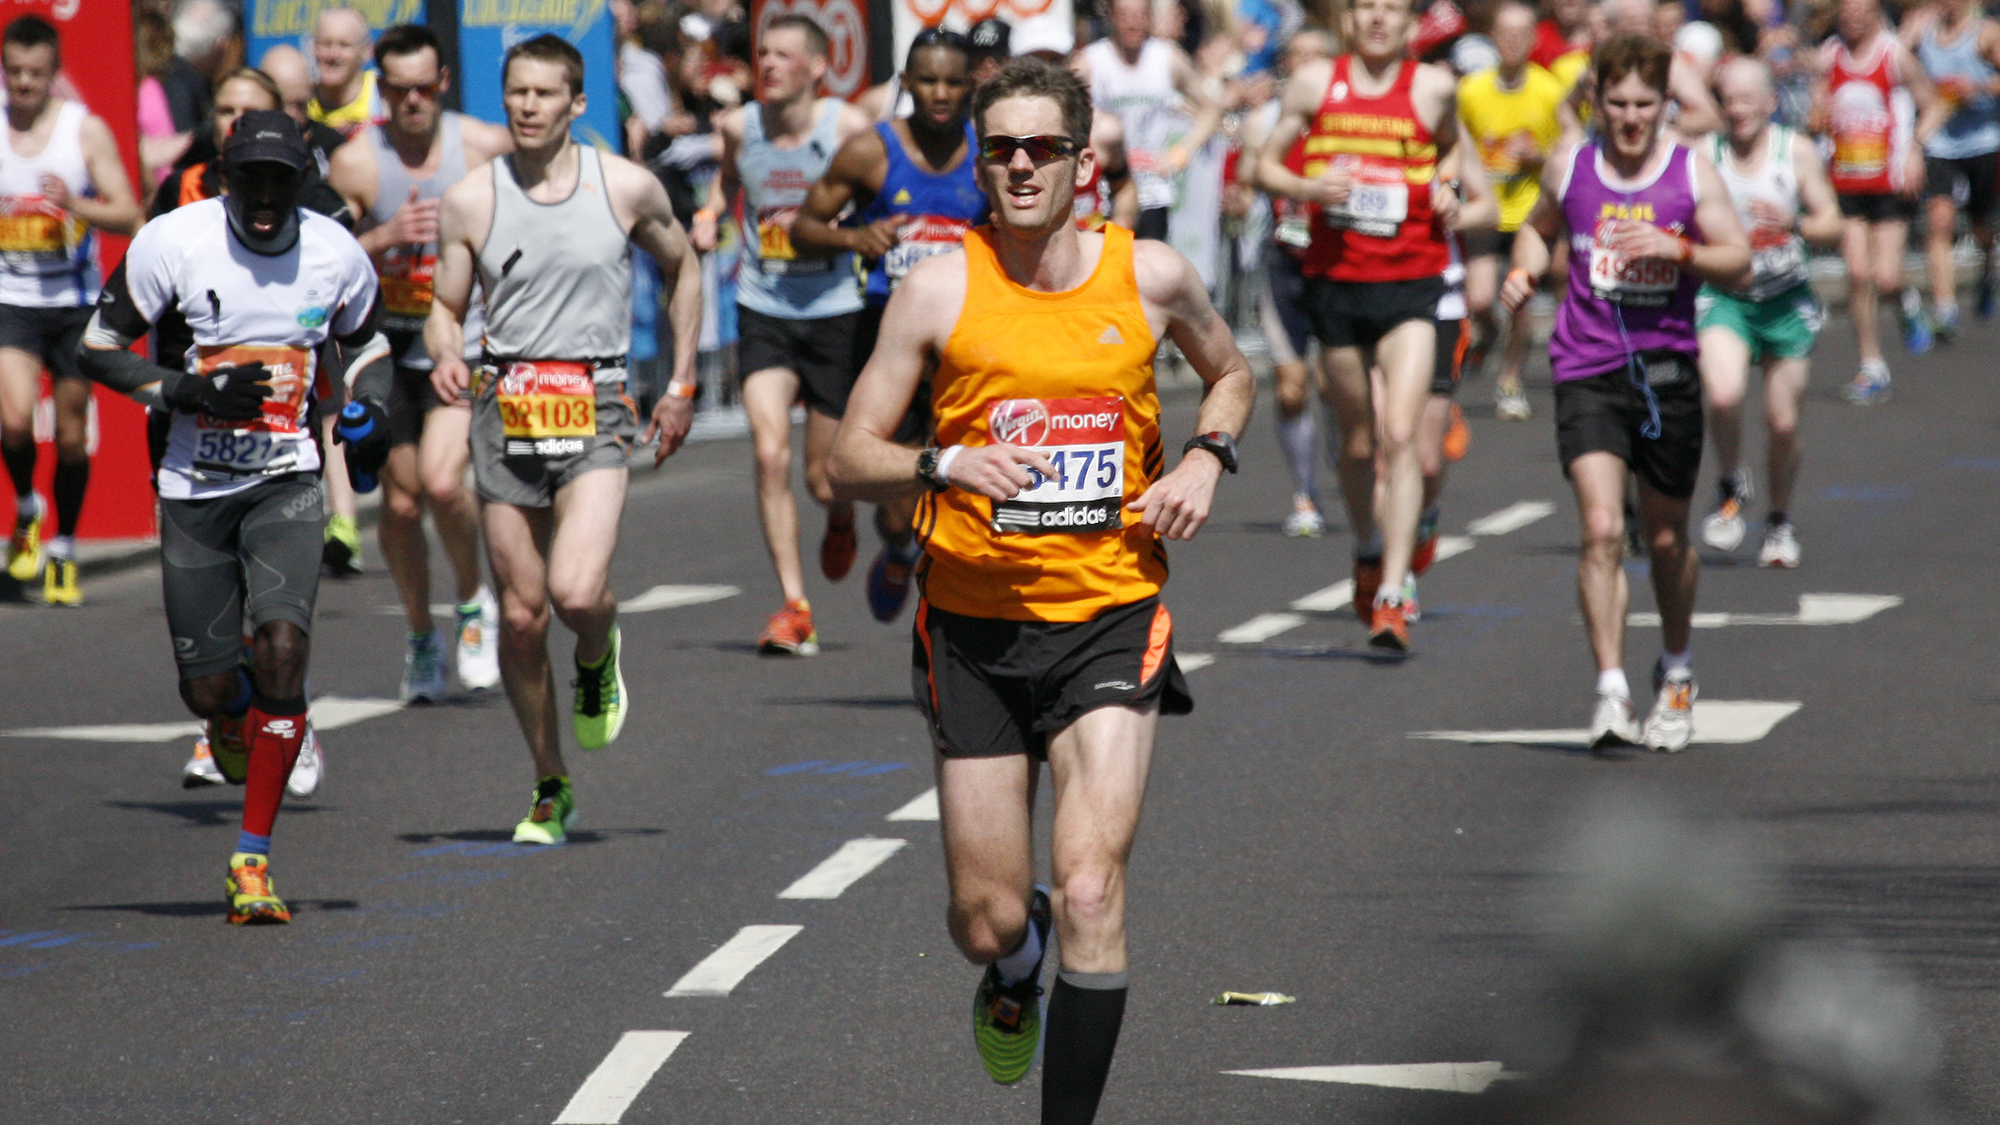 massage is essential for marathon runners desk jobs why massage is so important for marathon runners especially marathon runners desk jobs